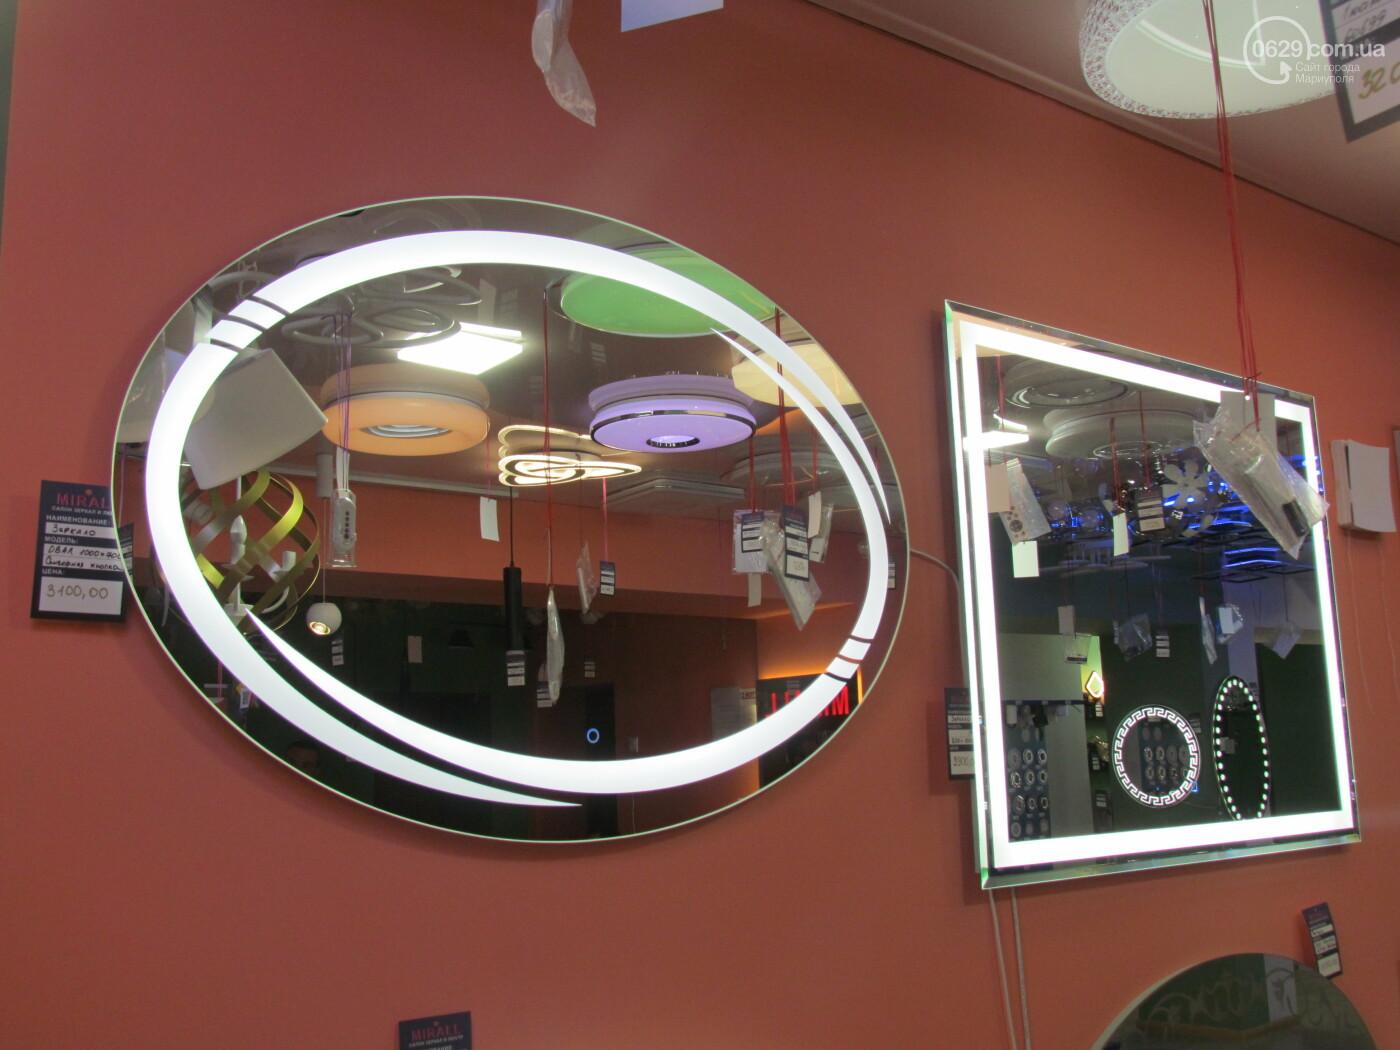 """Люстры, светильники, зеркала в современном дизайне! Более 1000 видов в салоне """"Mirall"""", фото-7"""